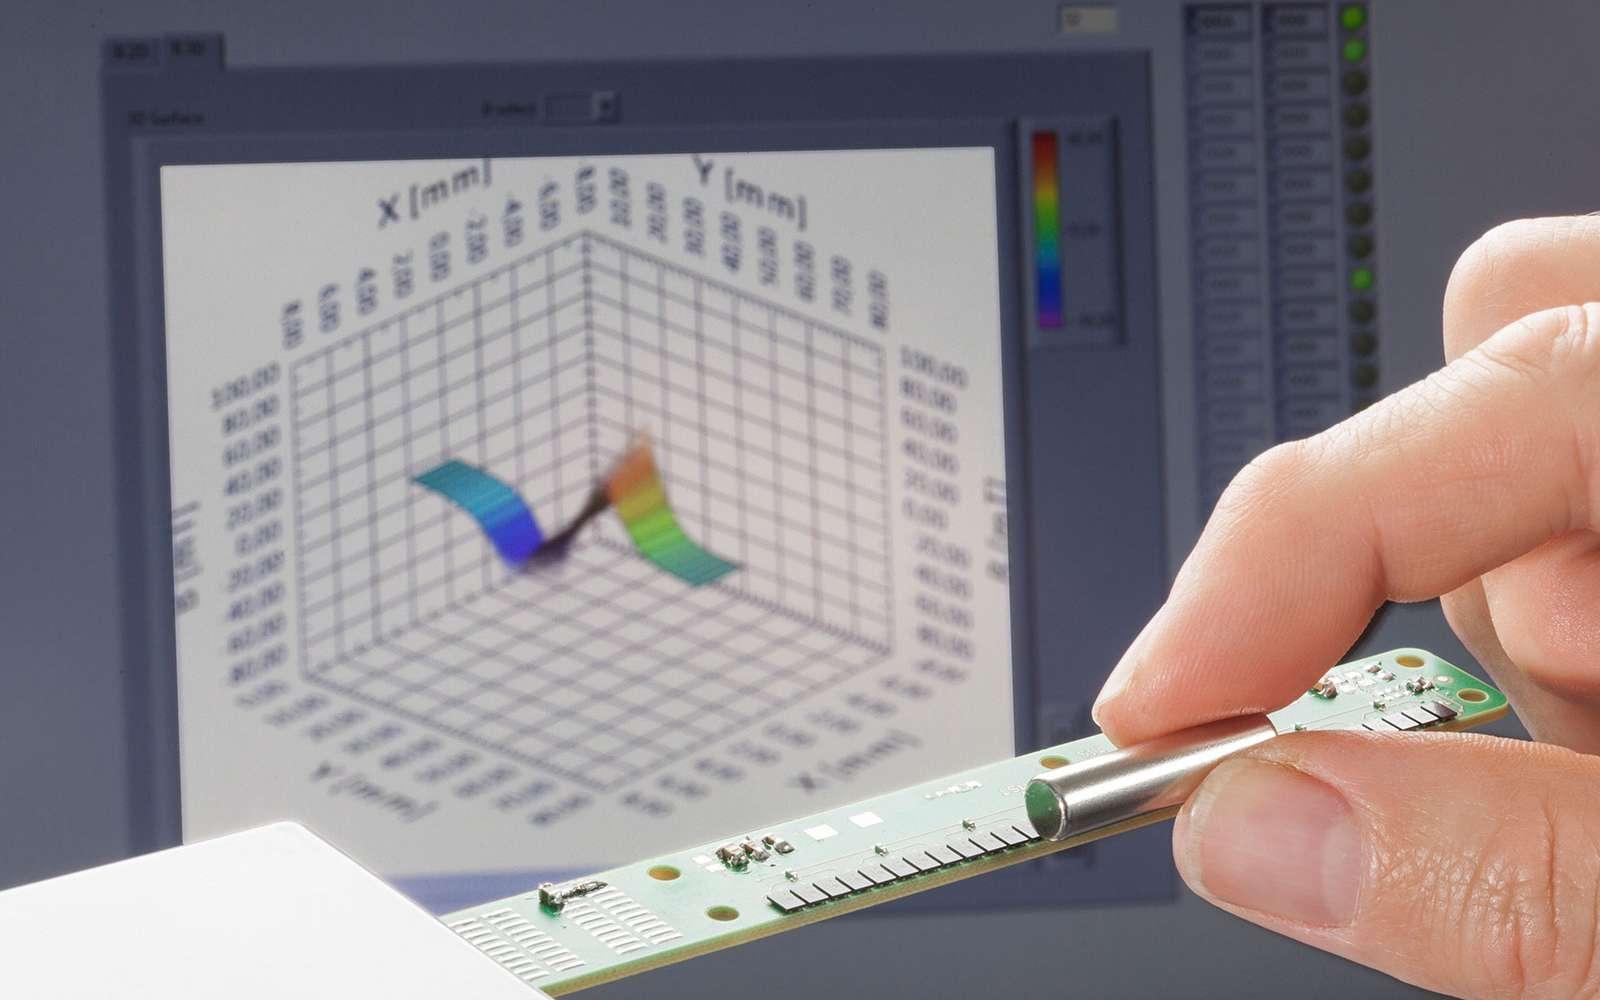 La caméra en ligne (au premier plan) mesure en temps réel les propriétés d'un champ magnétique. Les données enregistrées sont ensuite traduites, non pas en une véritable image, mais sous la forme d'un graphique (ici à l'arrière-plan). Celui-ci permet de visualiser les variations du champ magnétique étudié suivant les trois dimensions de l'espace. © Max Etzold